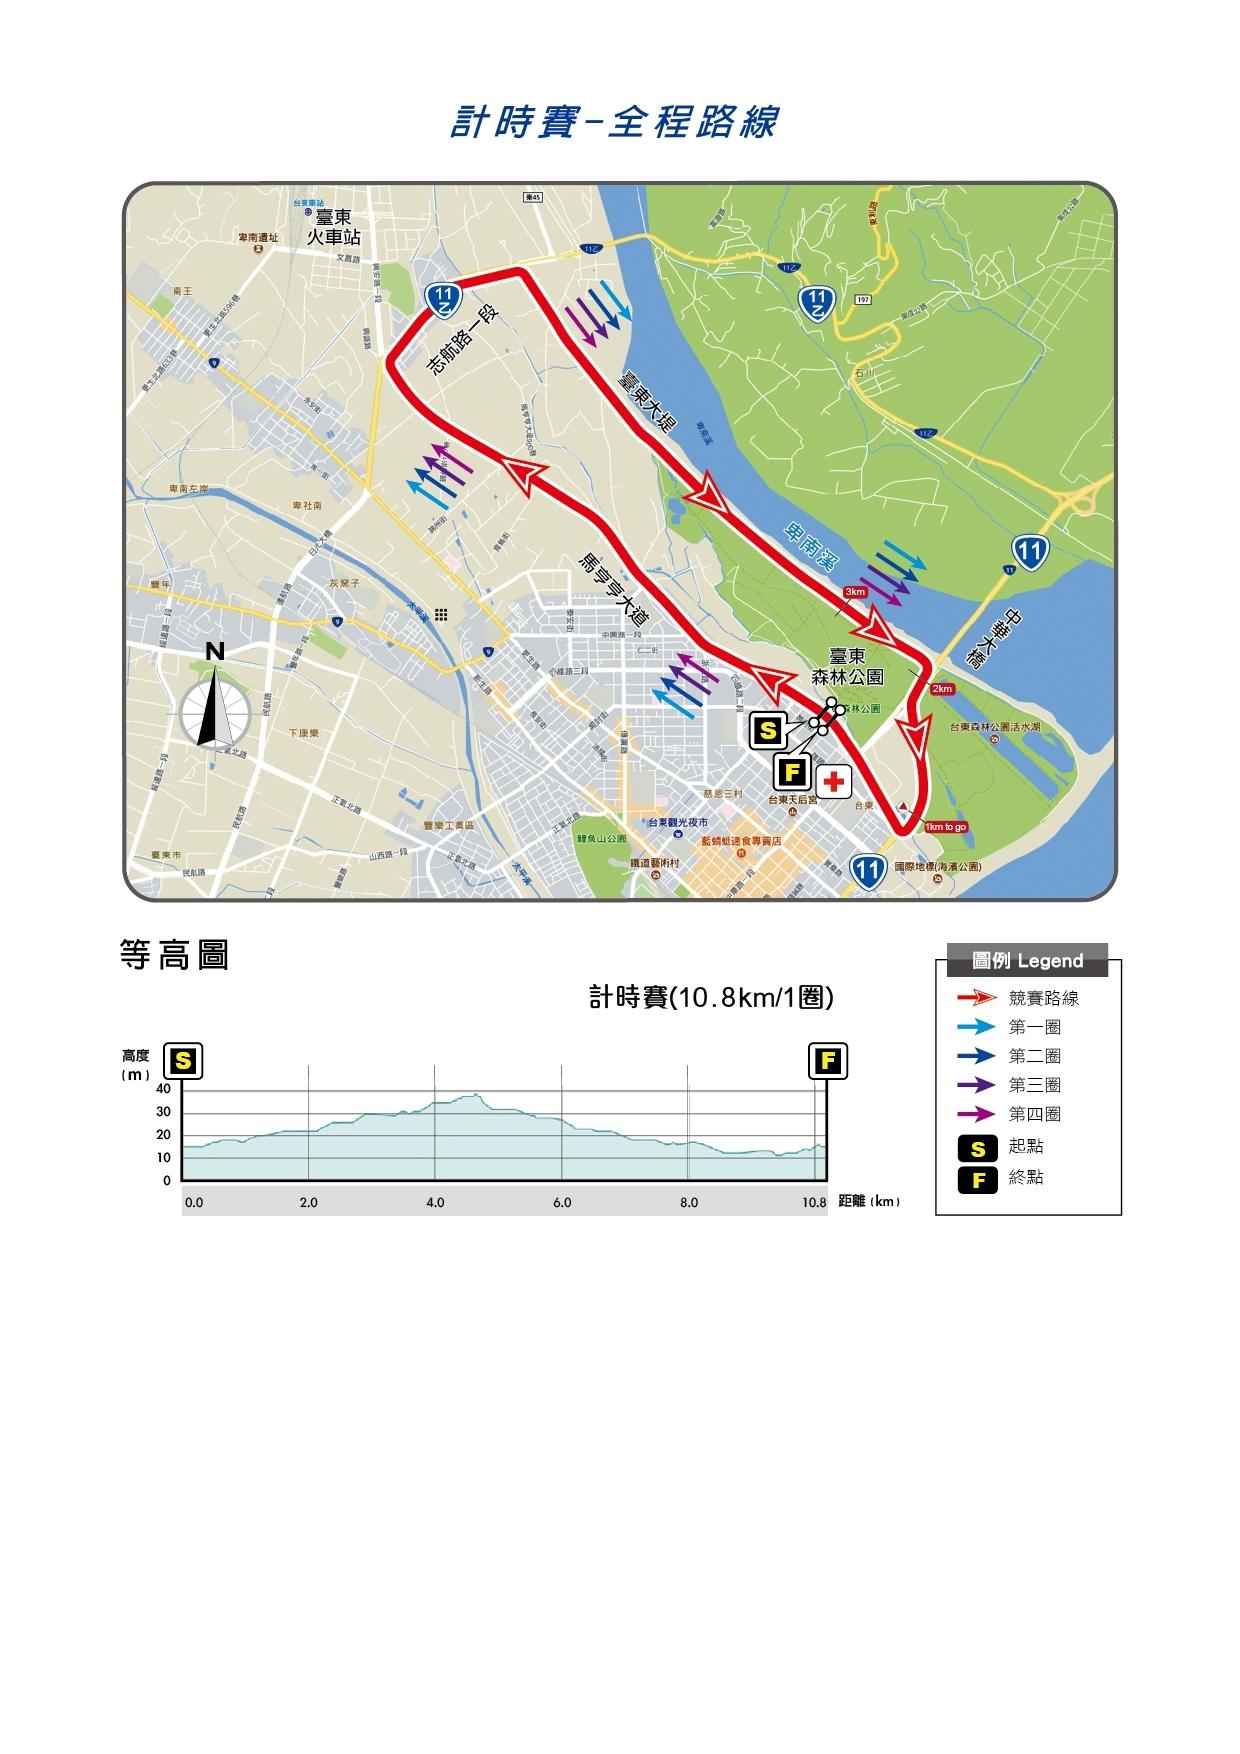 0622臺東公路錦標賽-計時賽路線